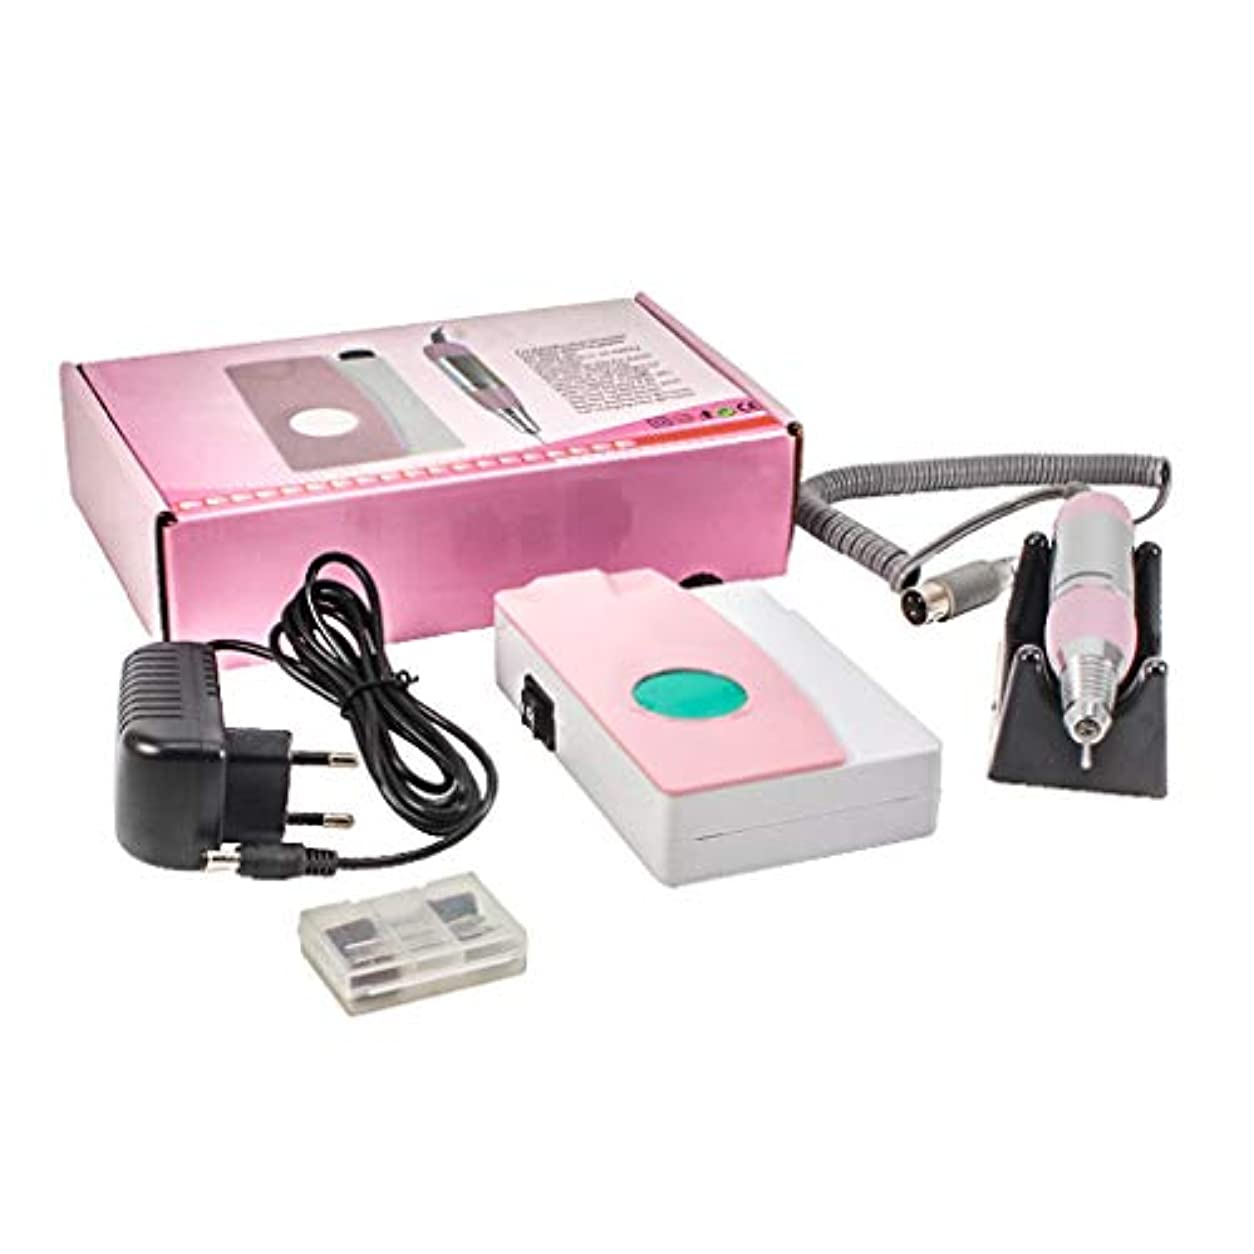 頼る骨の折れる禁止する電気ネイルファイルドリルマシン、ディスプレイスクリーン、ポータブルコードレス12Vのドリルビット付き充電式研磨機、プロ用または家庭用ネイルアート機器25000 RPM